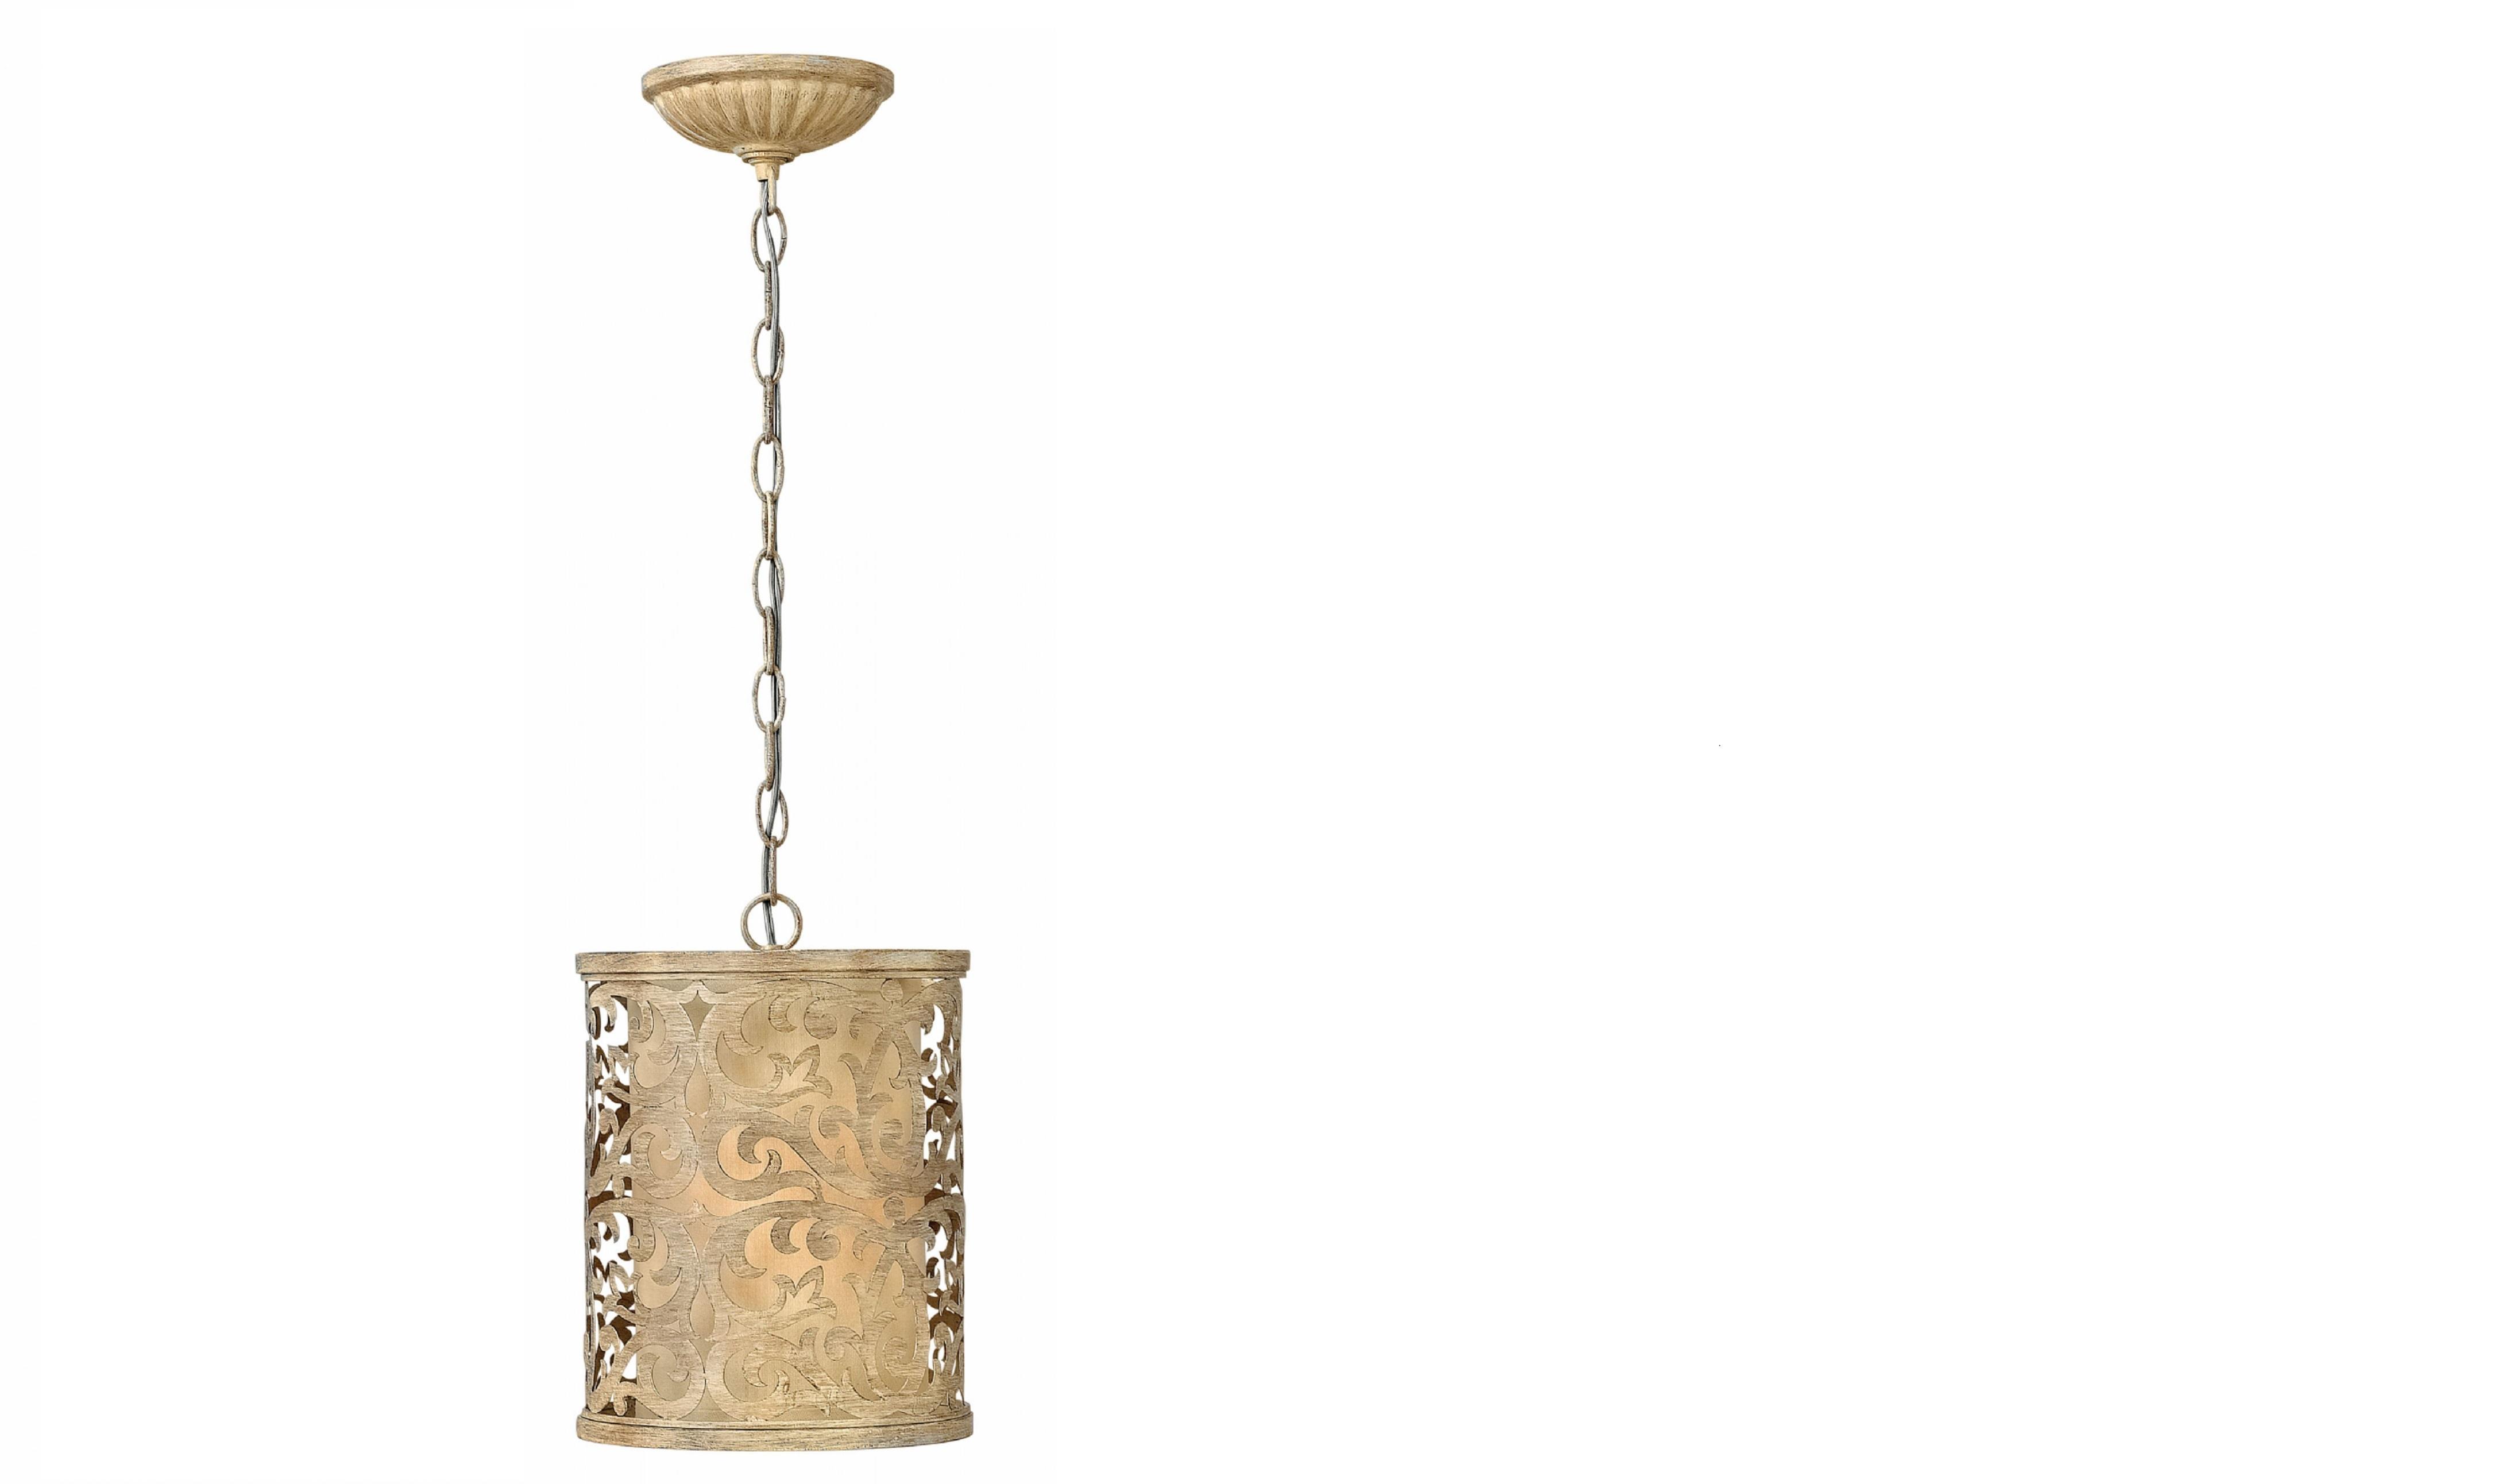 Подвесной светильник Hinkely LightingПодвесные светильники<br>&amp;lt;div&amp;gt;Цоколь: E27,&amp;amp;nbsp;&amp;lt;/div&amp;gt;&amp;lt;div&amp;gt;Мощность: 100,&amp;lt;/div&amp;gt;&amp;lt;div&amp;gt;Количество ламп: 1.&amp;amp;nbsp;&amp;lt;/div&amp;gt;&amp;lt;div&amp;gt;&amp;lt;br&amp;gt;&amp;lt;/div&amp;gt;<br><br>Material: Металл<br>Length см: None<br>Width см: 22,9<br>Depth см: 30,5<br>Height см: 42-343